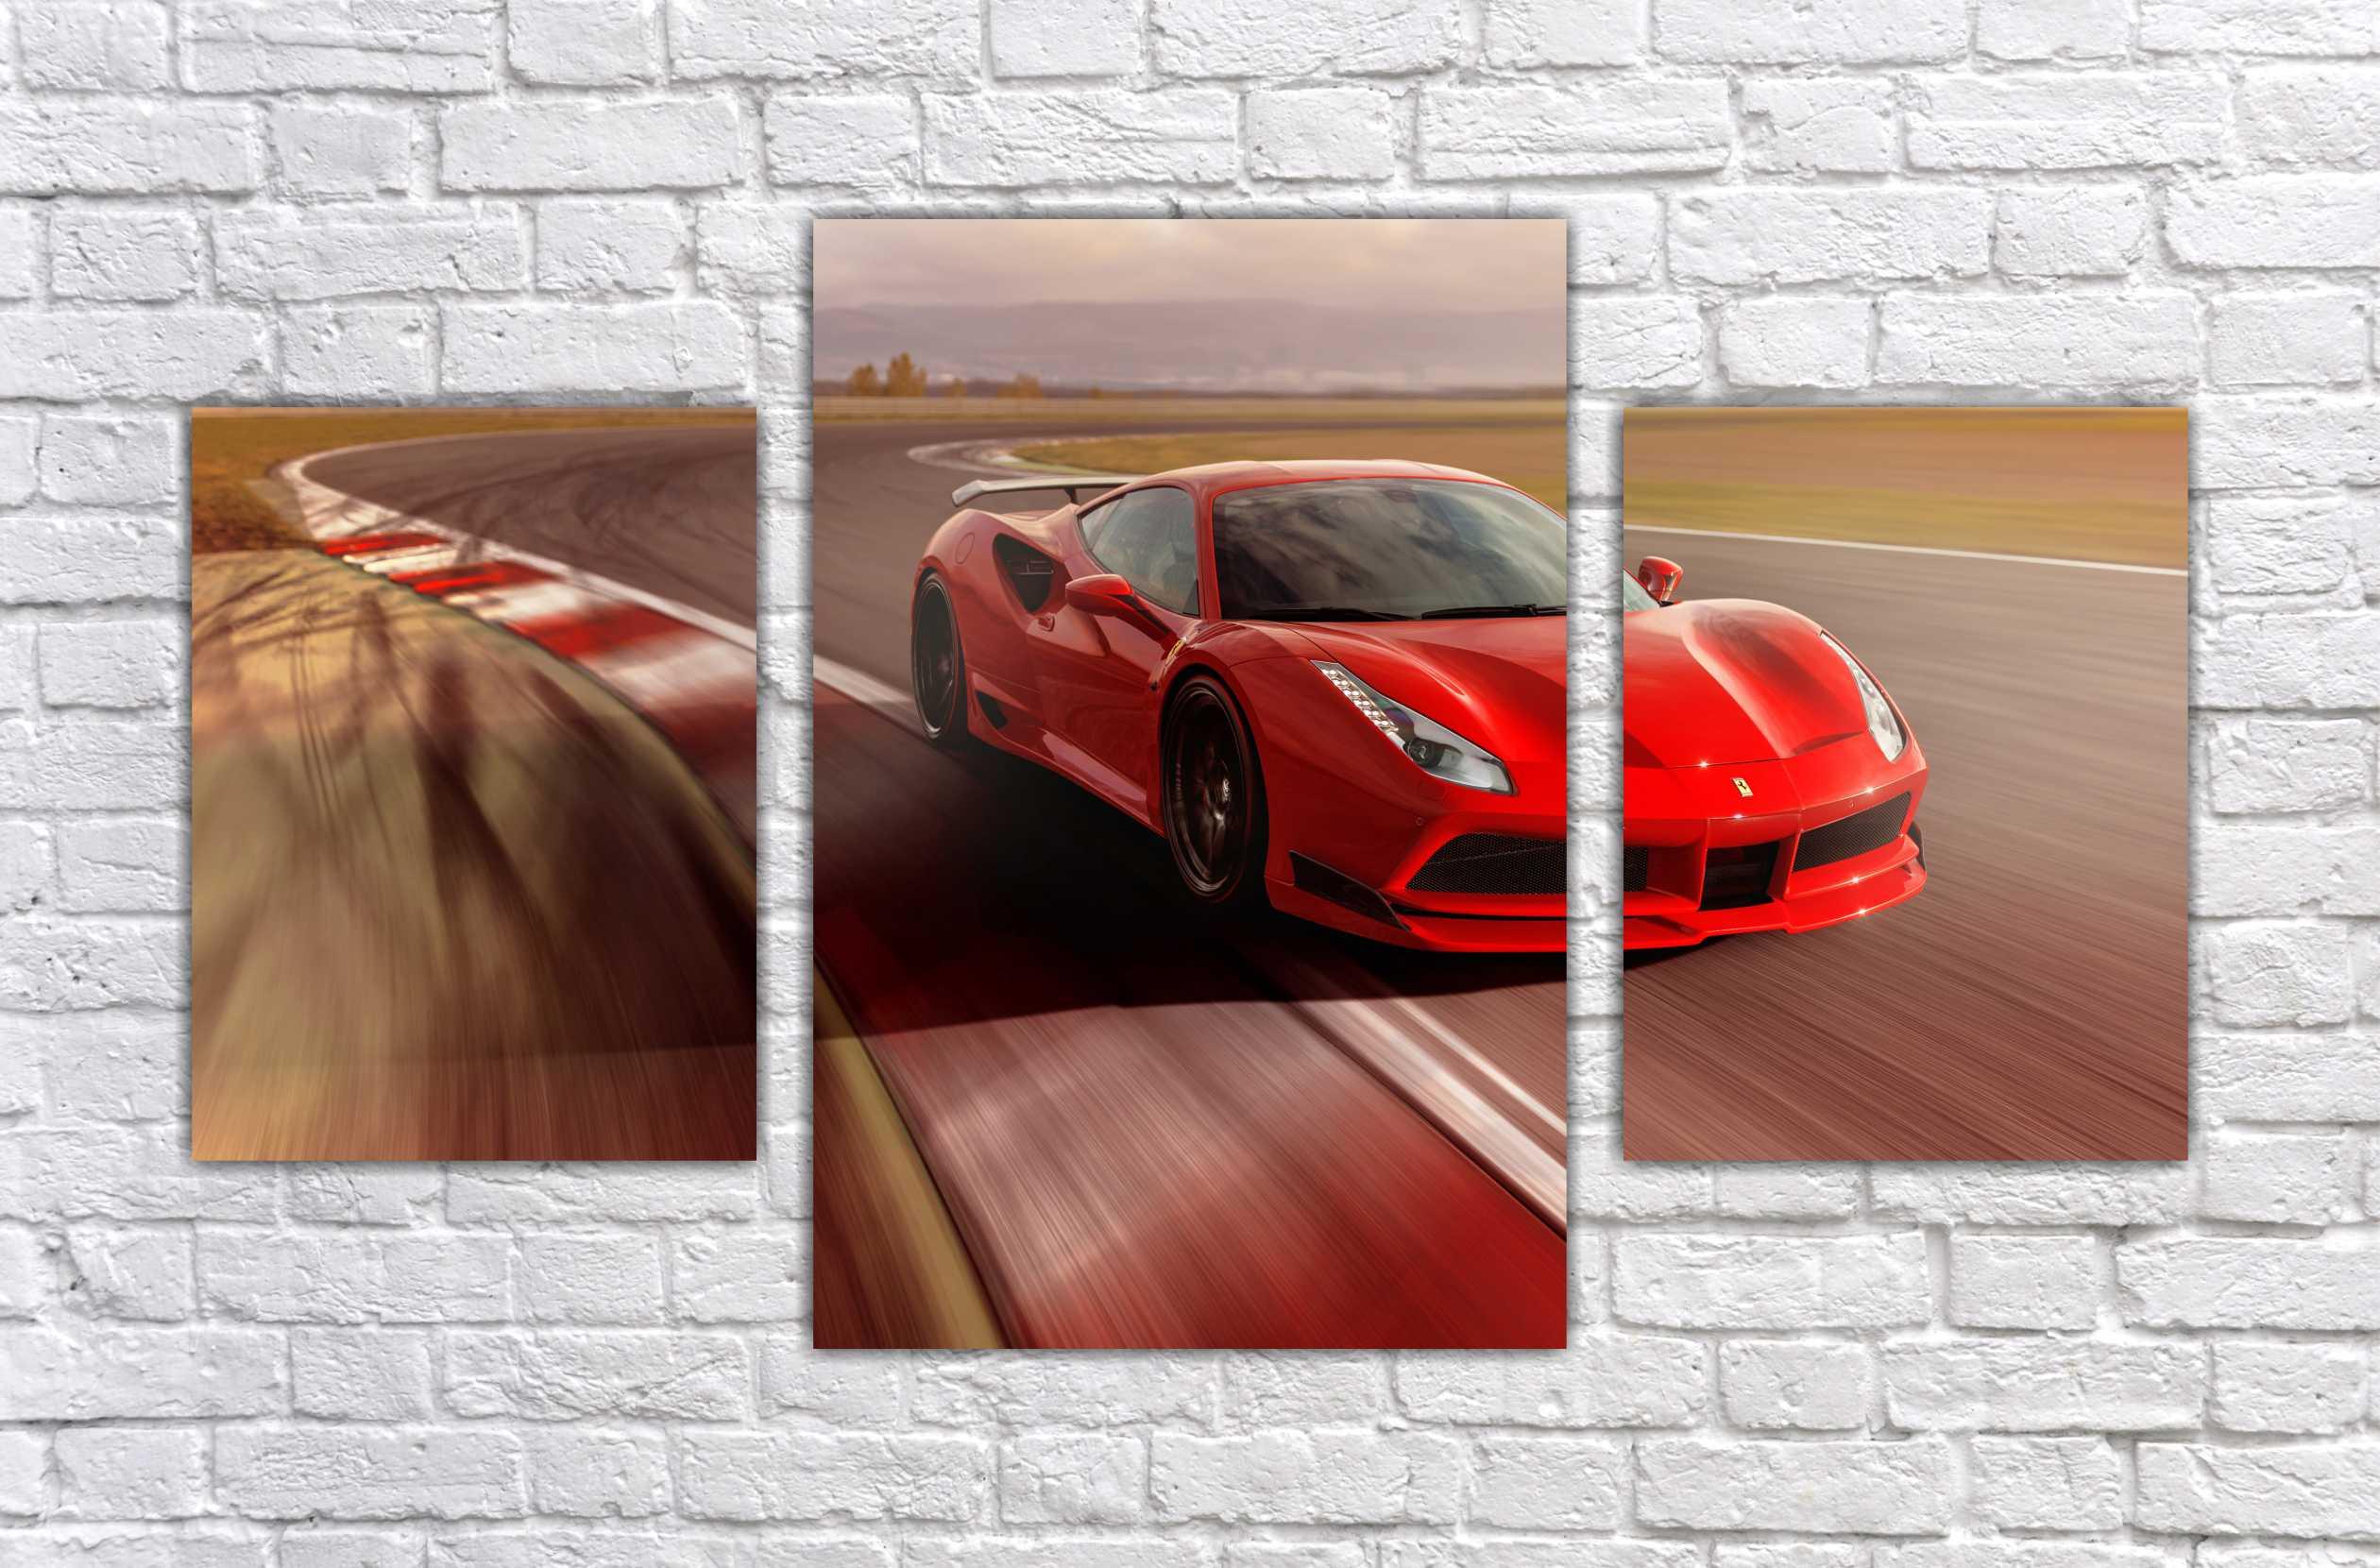 Quadro Decorativo Ferrari Super Carros com 3 Pecas 2  a4014dd243e